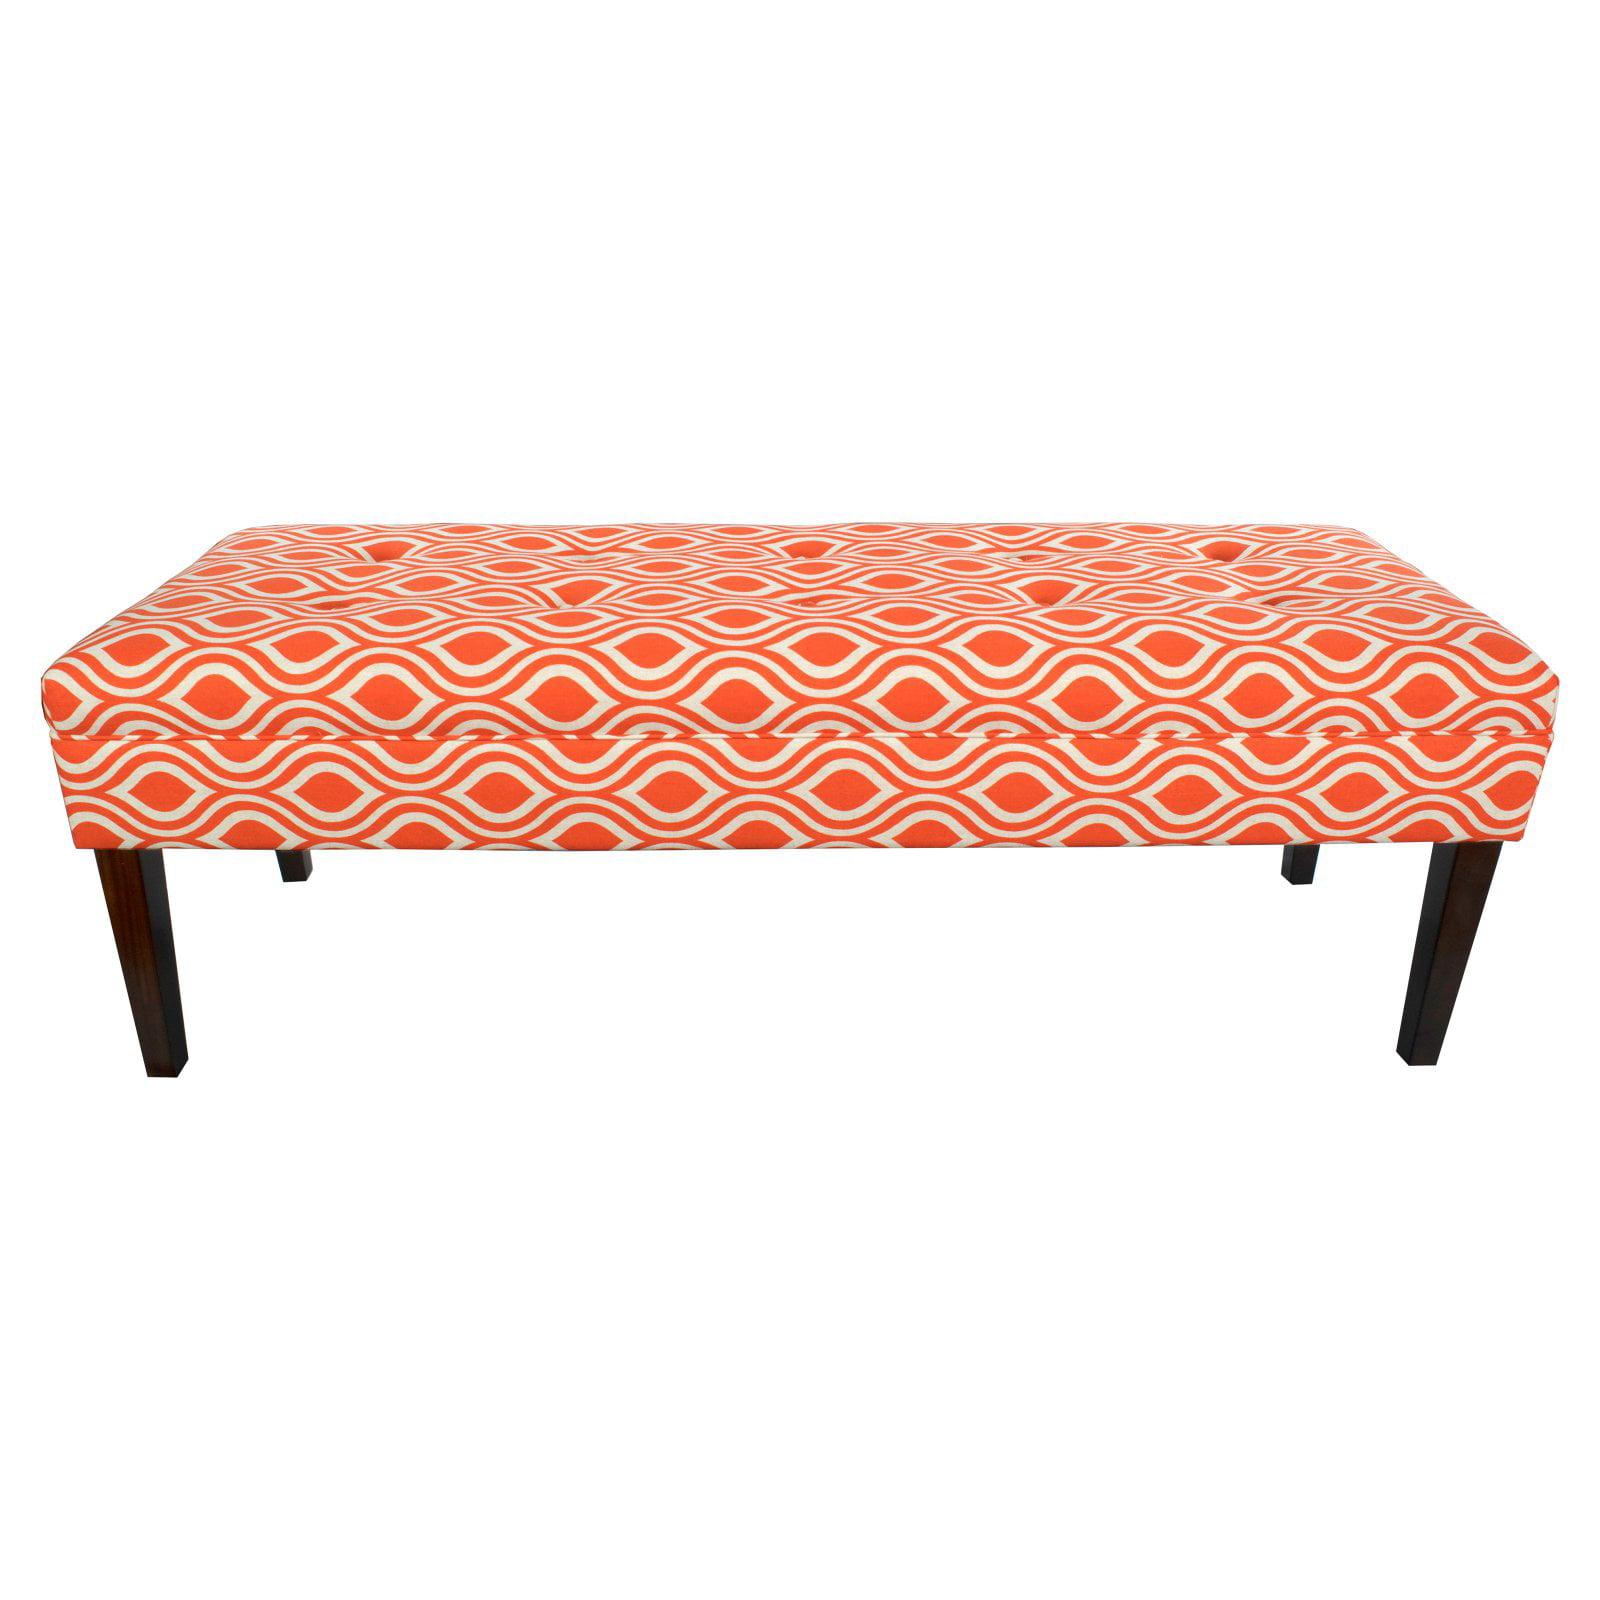 MJL Furniture Kaya Nicole 10-button Tufted Upholstered Long Bench Indigo-Laken